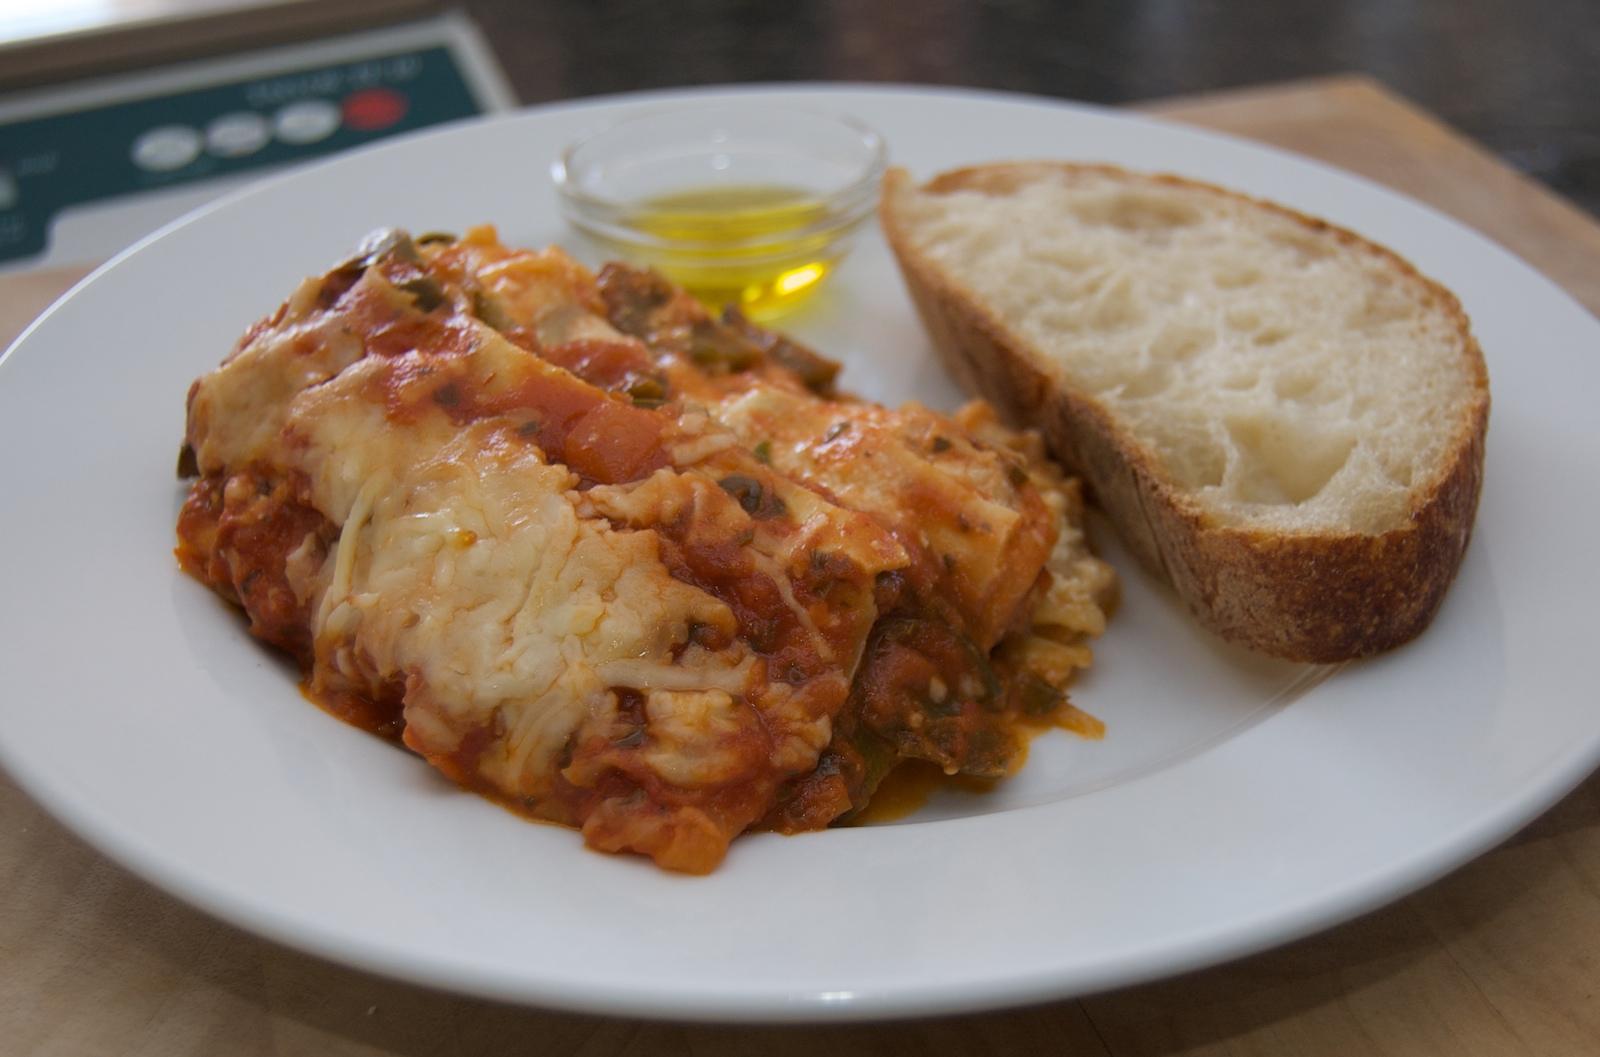 http://blog.rickk.com/food/2010/04/05/lasagna1.jpg